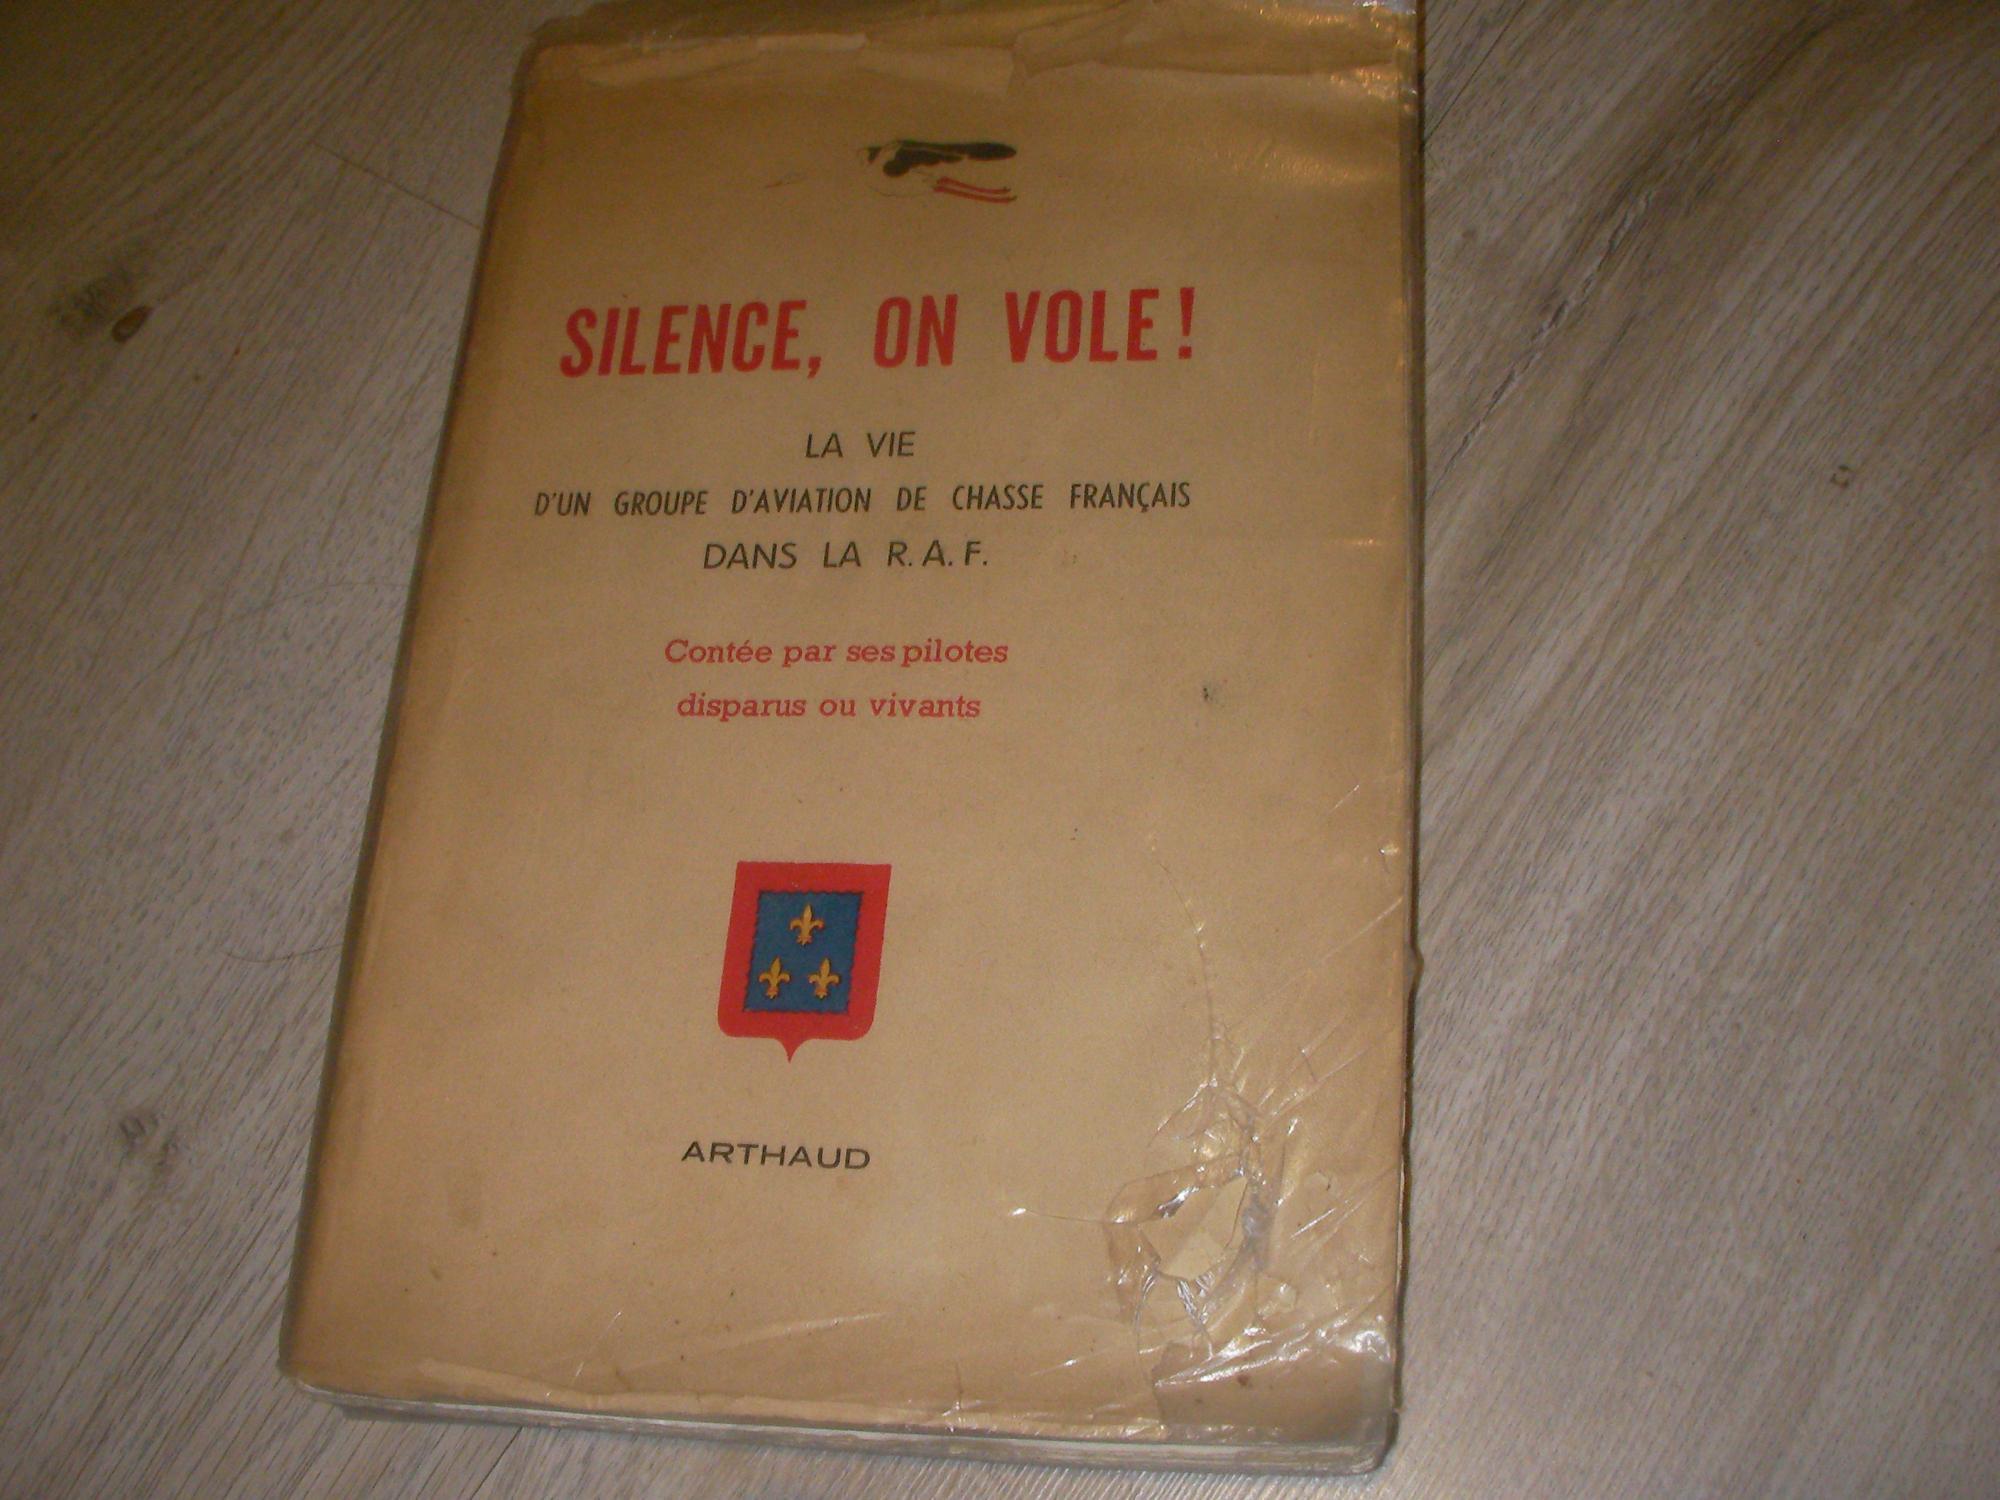 Silence, on vole! la vie d'un groupe d'aviation de chasse français dans la raf, contée par ses pilotes disparus ou vivants